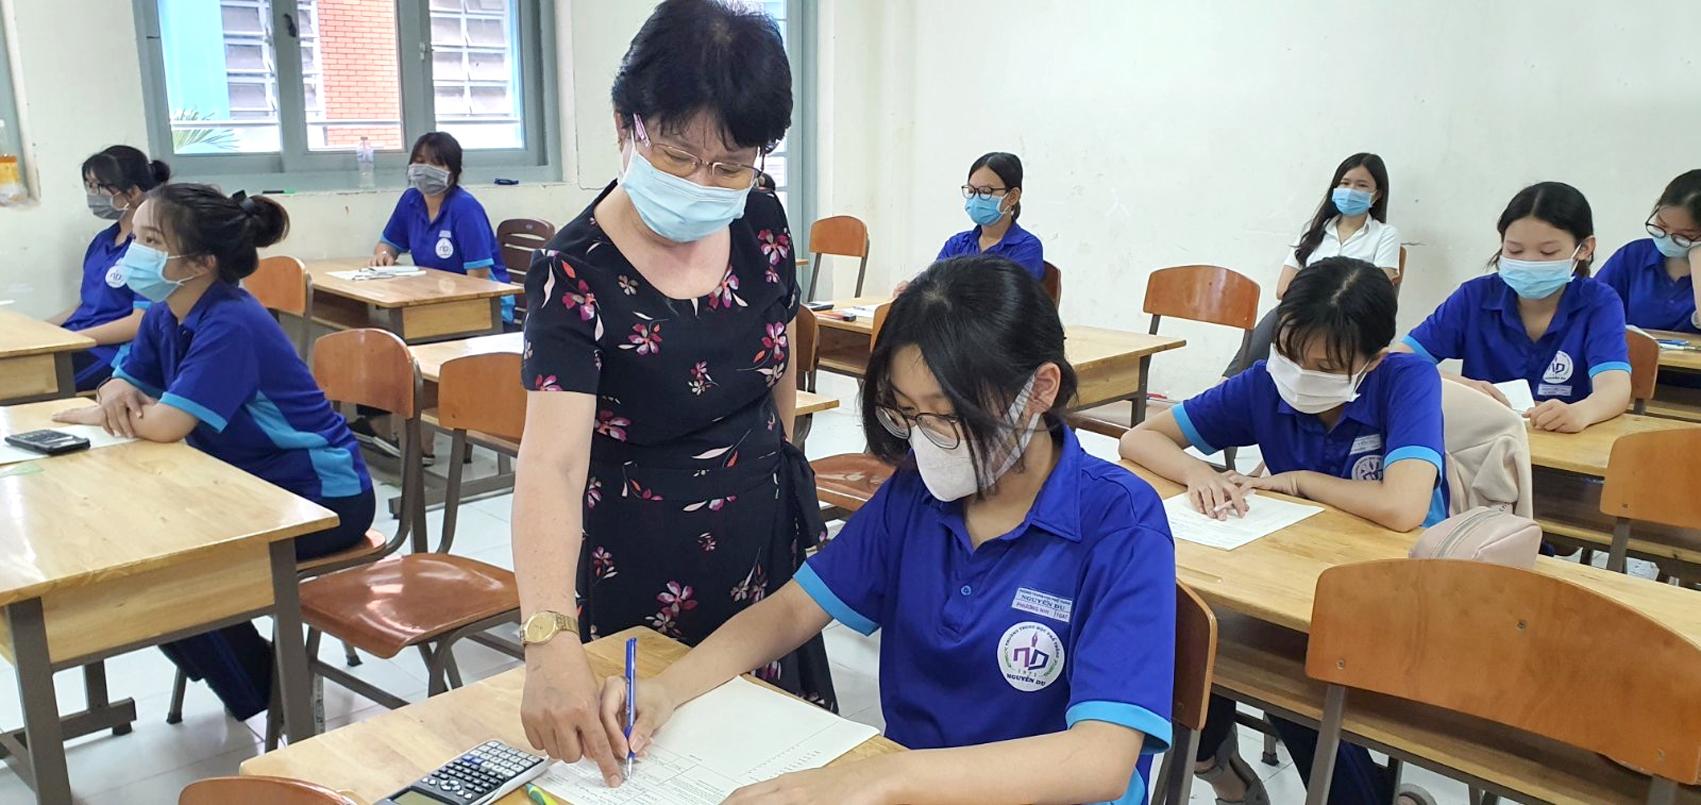 Thí sinh vừa tốt nghiệp THPT học quản lý giáo dục ngay khó có việc làm (ảnh minh họa)